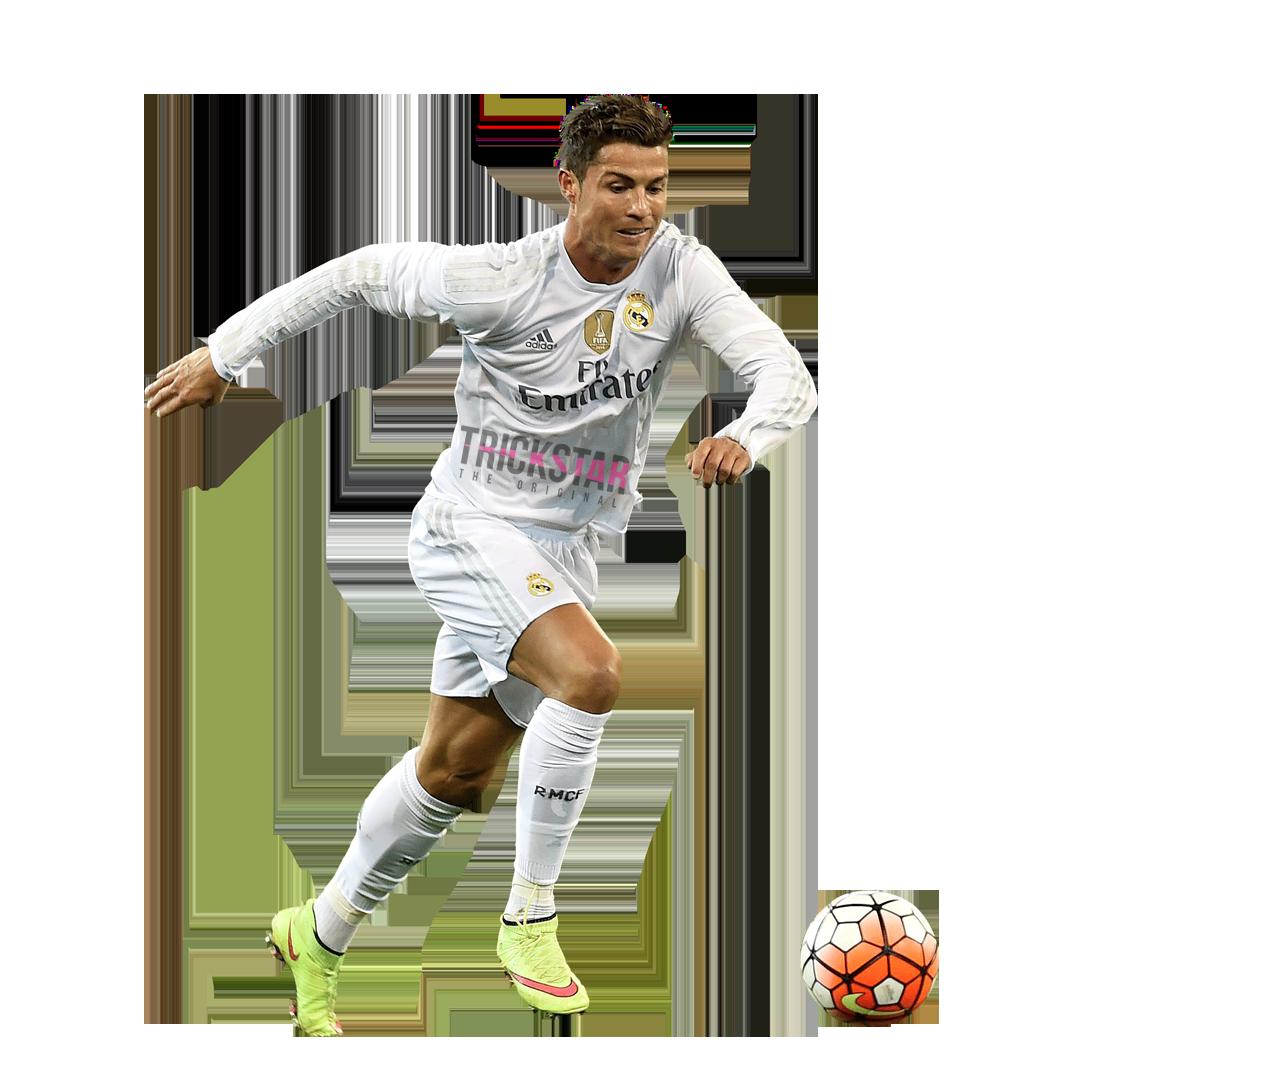 Ronaldo 2015 Png Render ~ PngDB